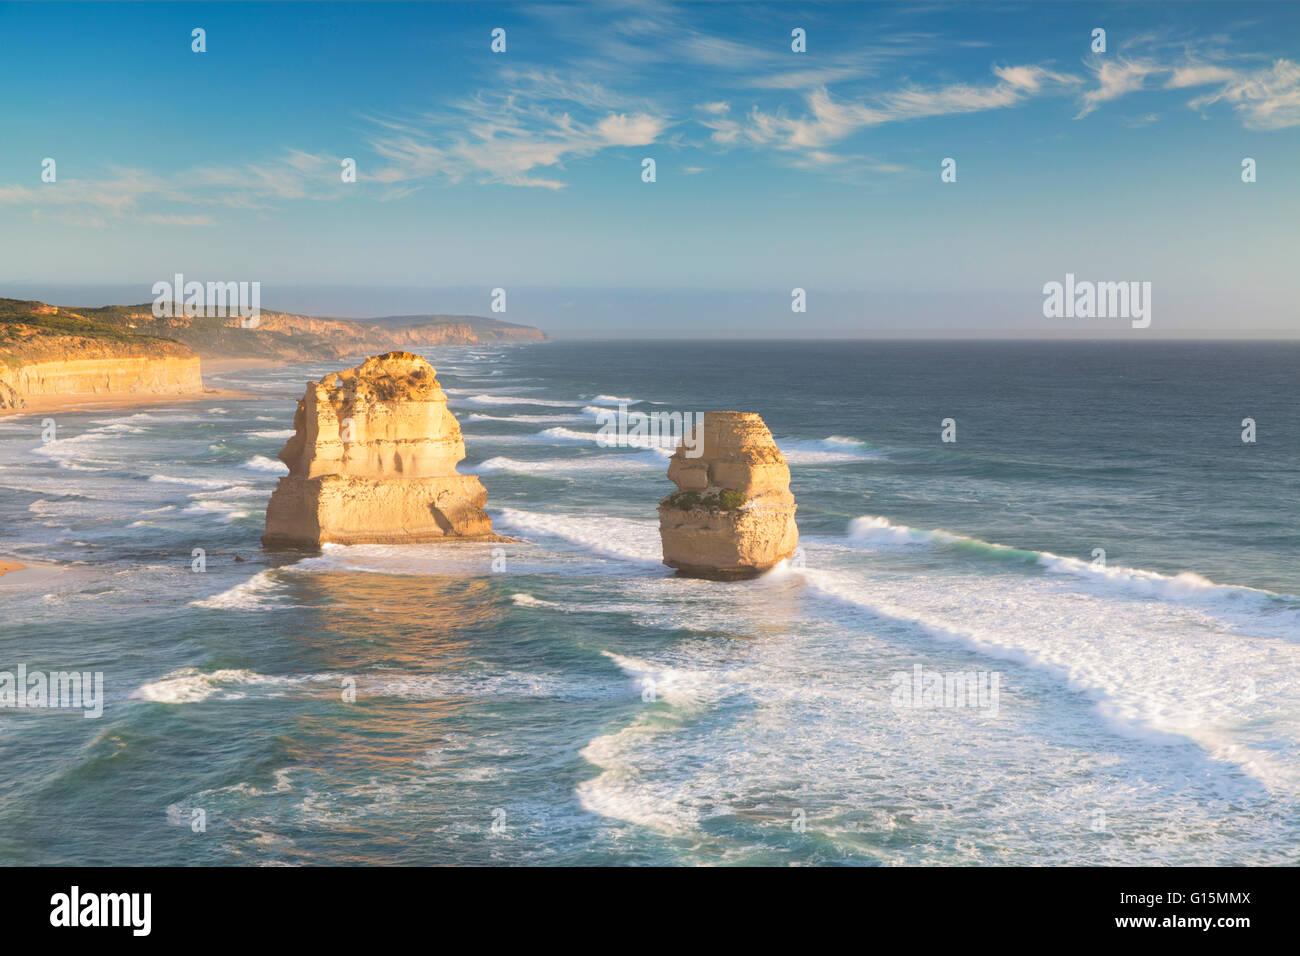 Douze Apôtres, Port Campbell National Park, Great Ocean Road, Victoria, Australie, Pacifique Photo Stock